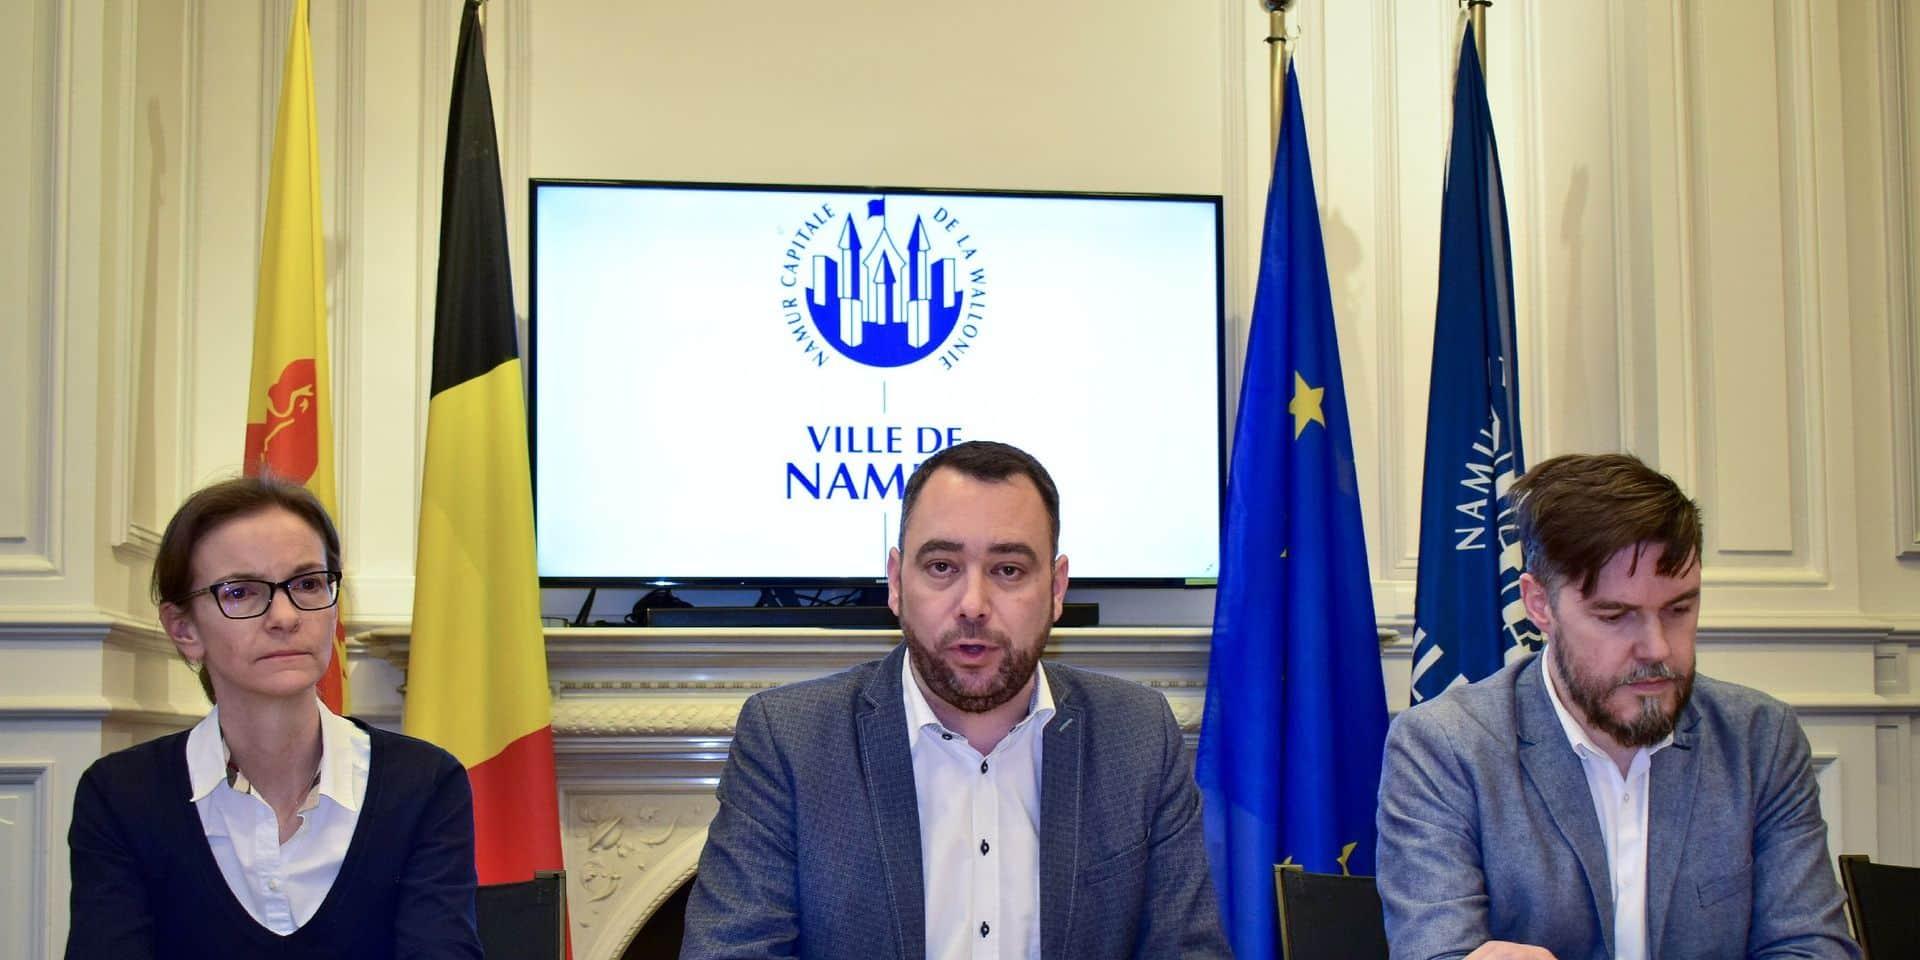 """Maxime Prévot sur le gouvernement: """"J'attendais une ligne de conduite claire, un leadership fédéral fort, nous avons eu les deux et il faut pouvoir le reconnaitre"""""""